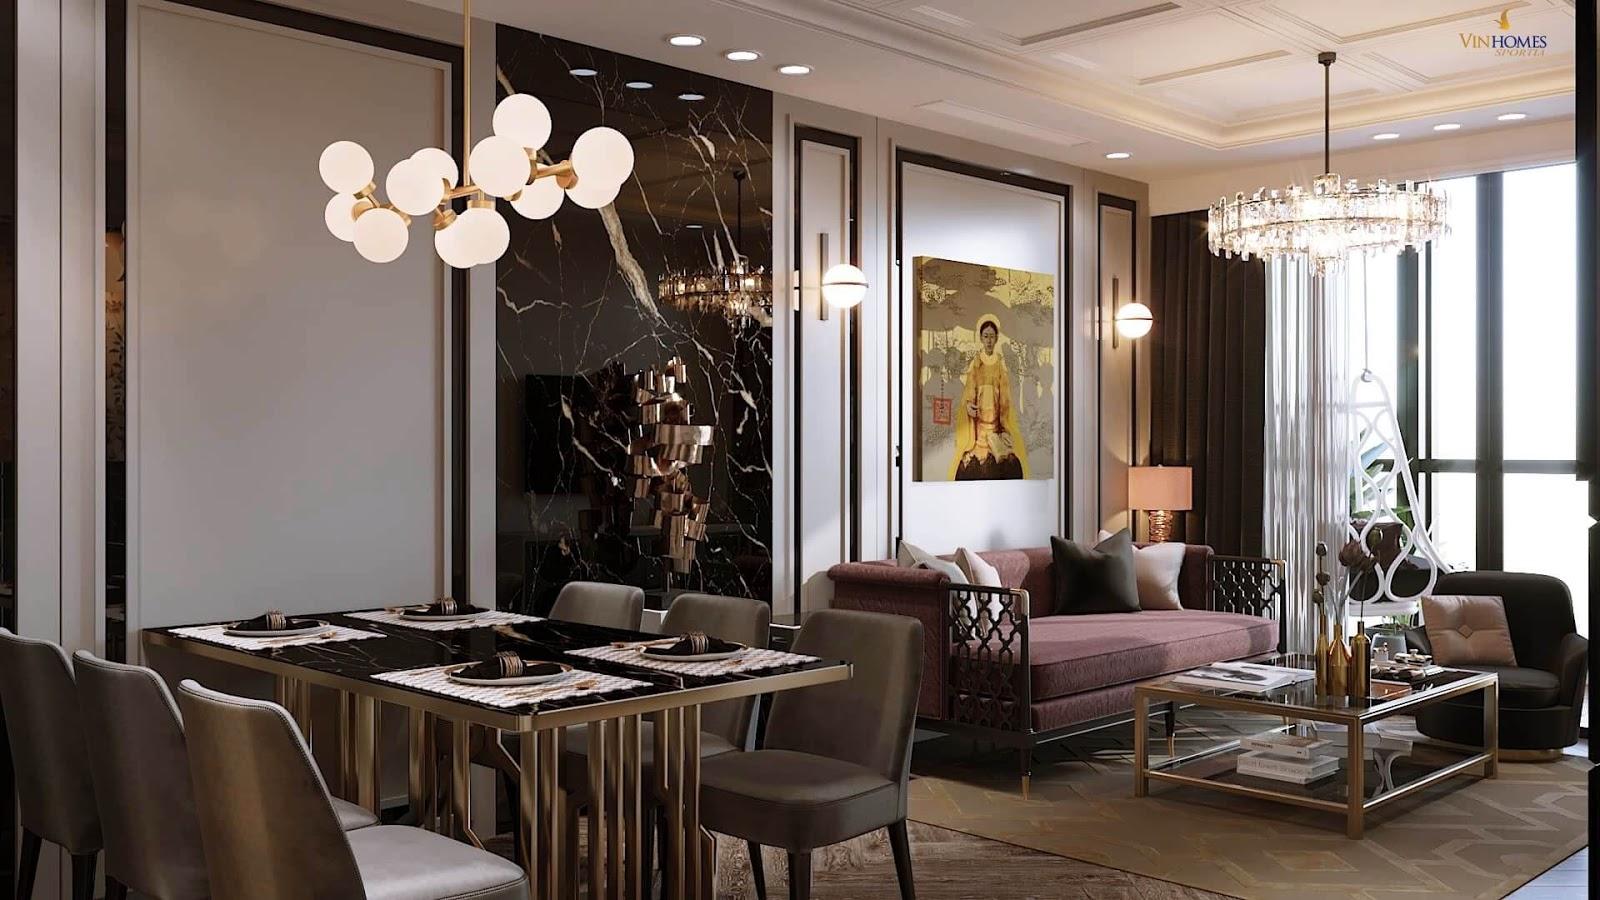 Phòng khách căn hộ chung cư Vinhomes Sportia